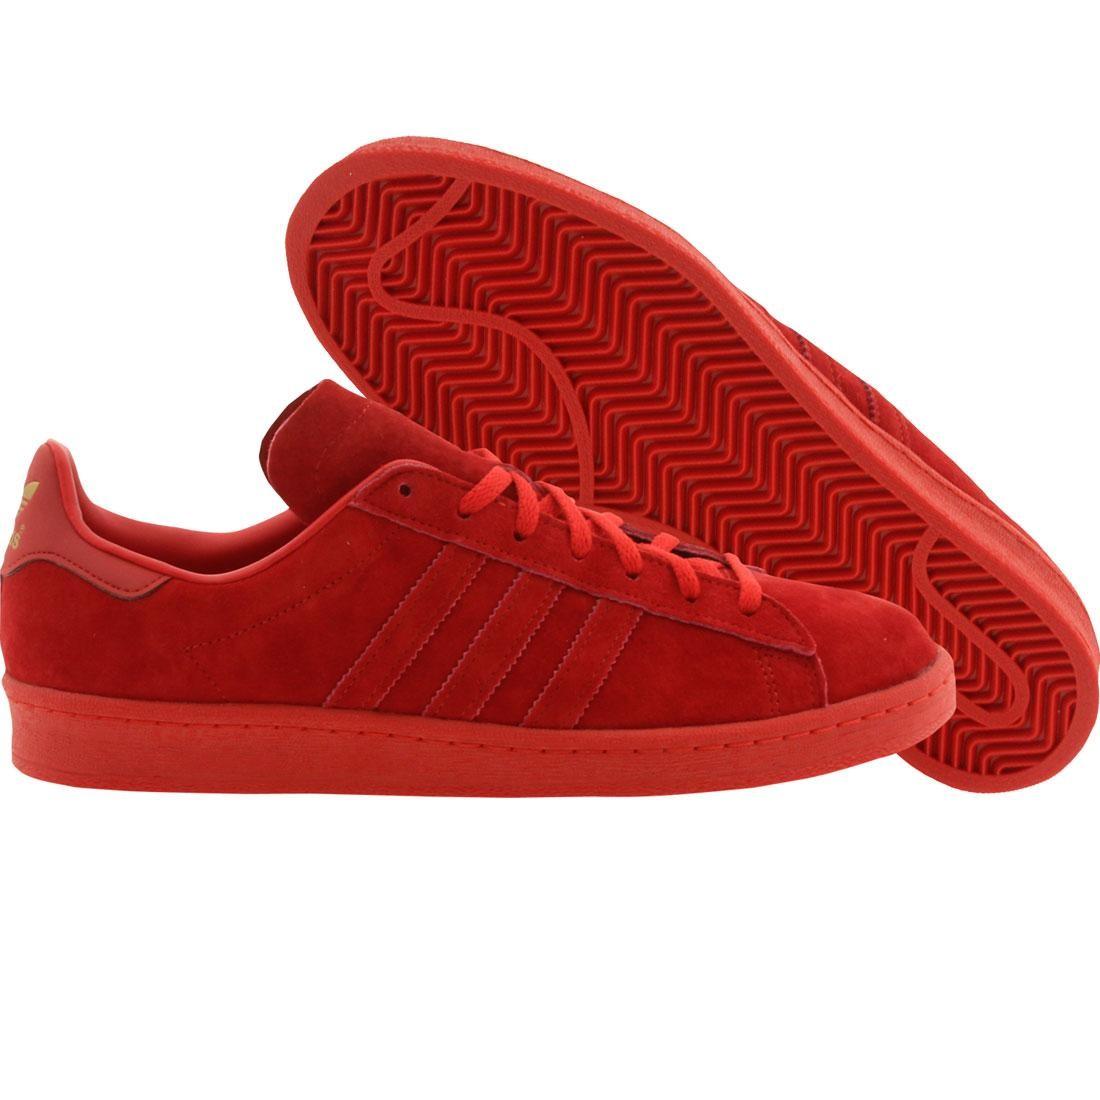 【海外限定】アディダス キャンパス メンズ靴 靴 【 ADIDAS MEN CAMPUS 80S RED COLRED 】